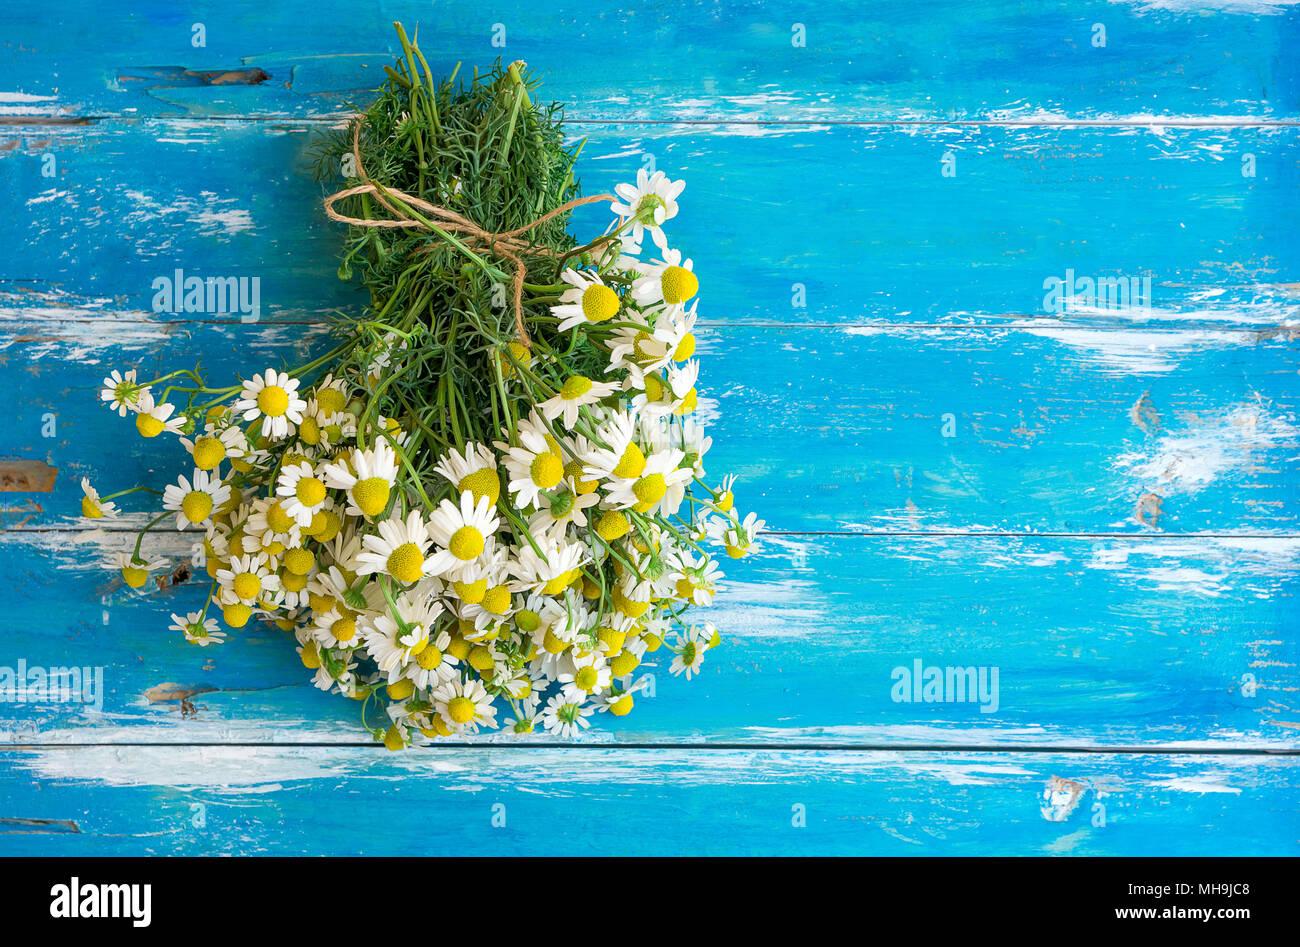 Blumenstrauss Aus Frisch Gepfluckte Kamille Blumen Gebunden Mit Garn